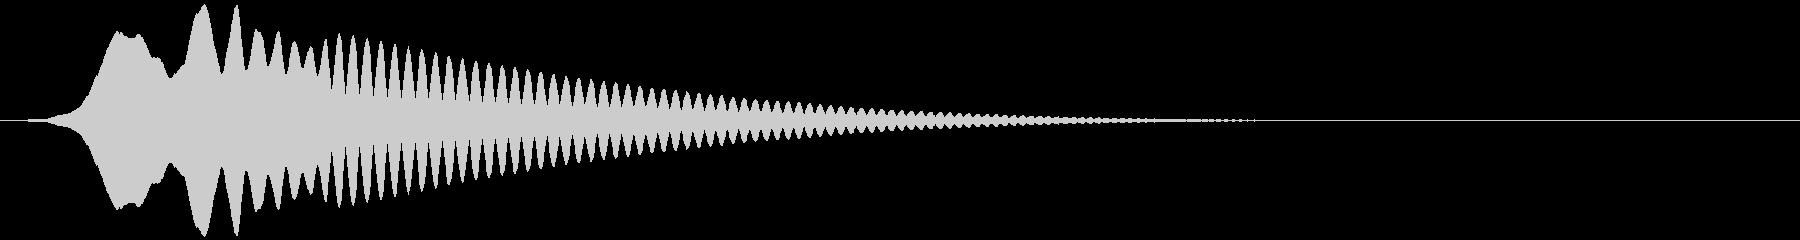 ジャンプ (ヒィィン)の未再生の波形